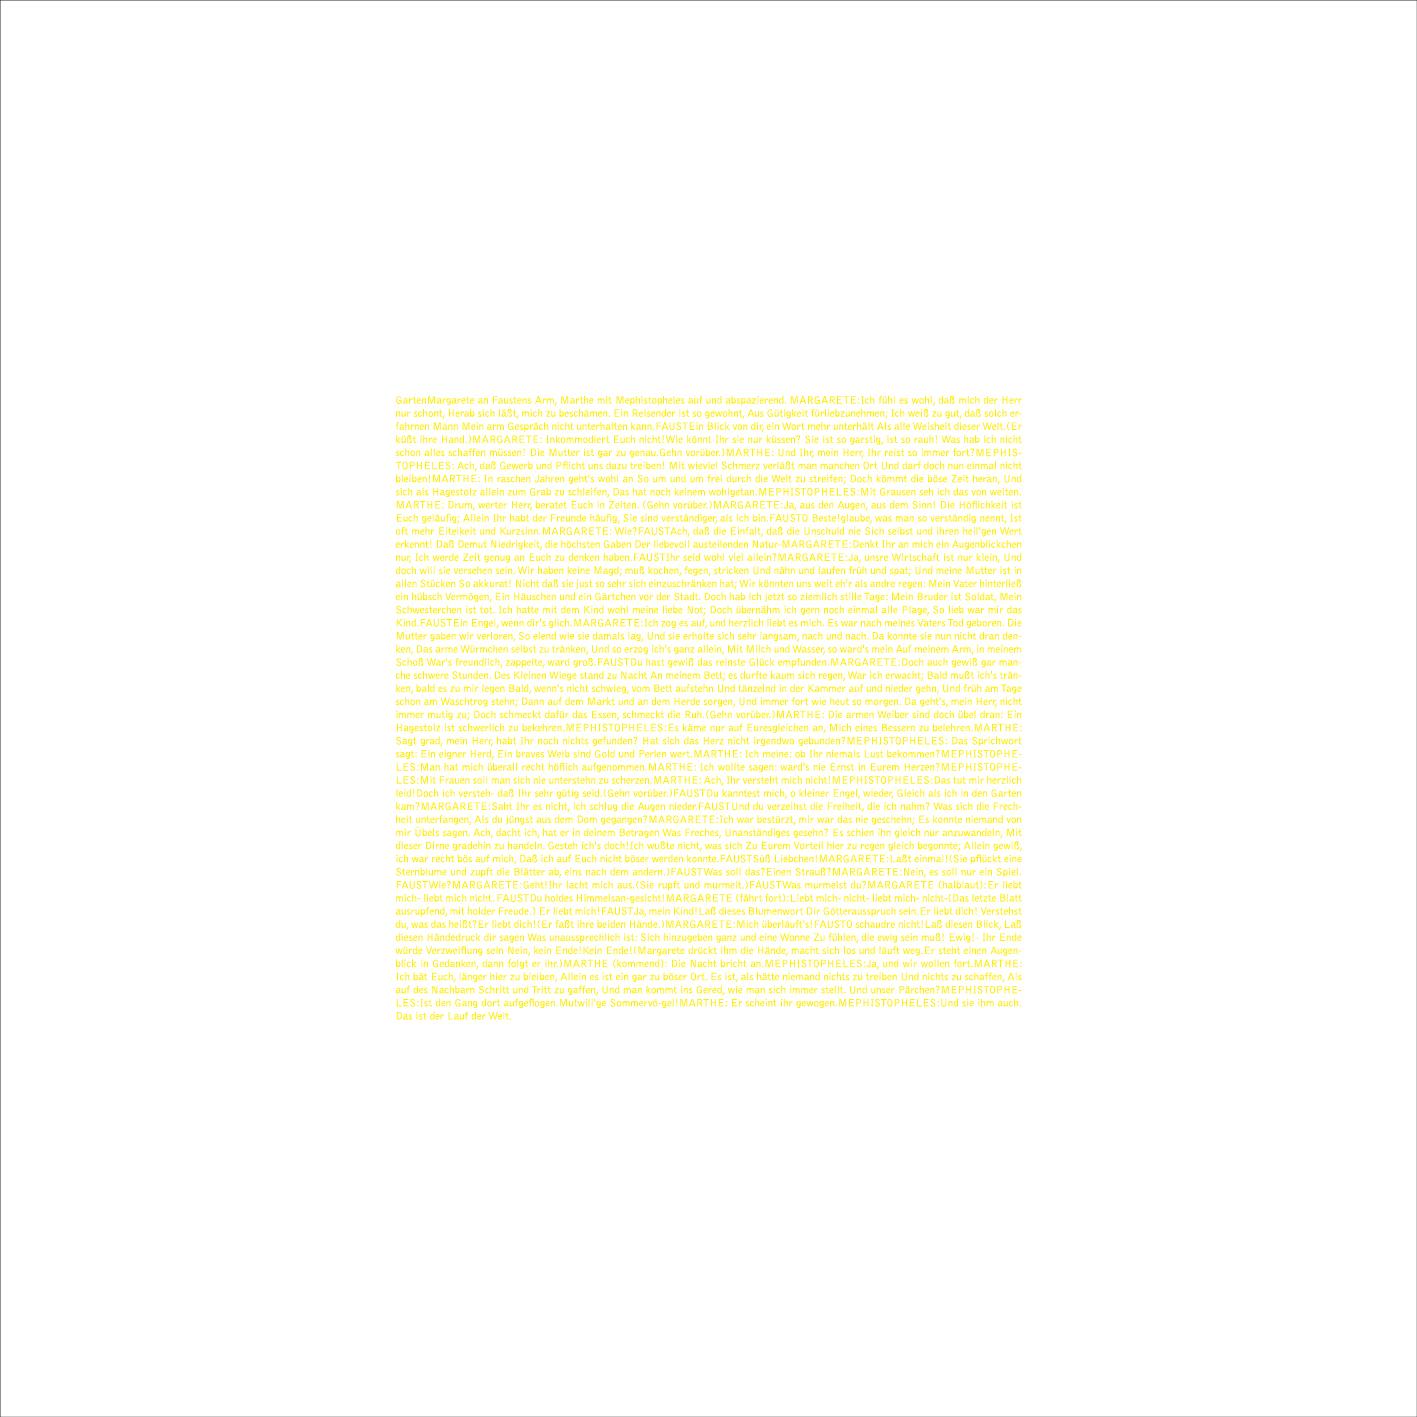 Faustisches Quadrat - Kap Einl_u_Hauptteil einzel15